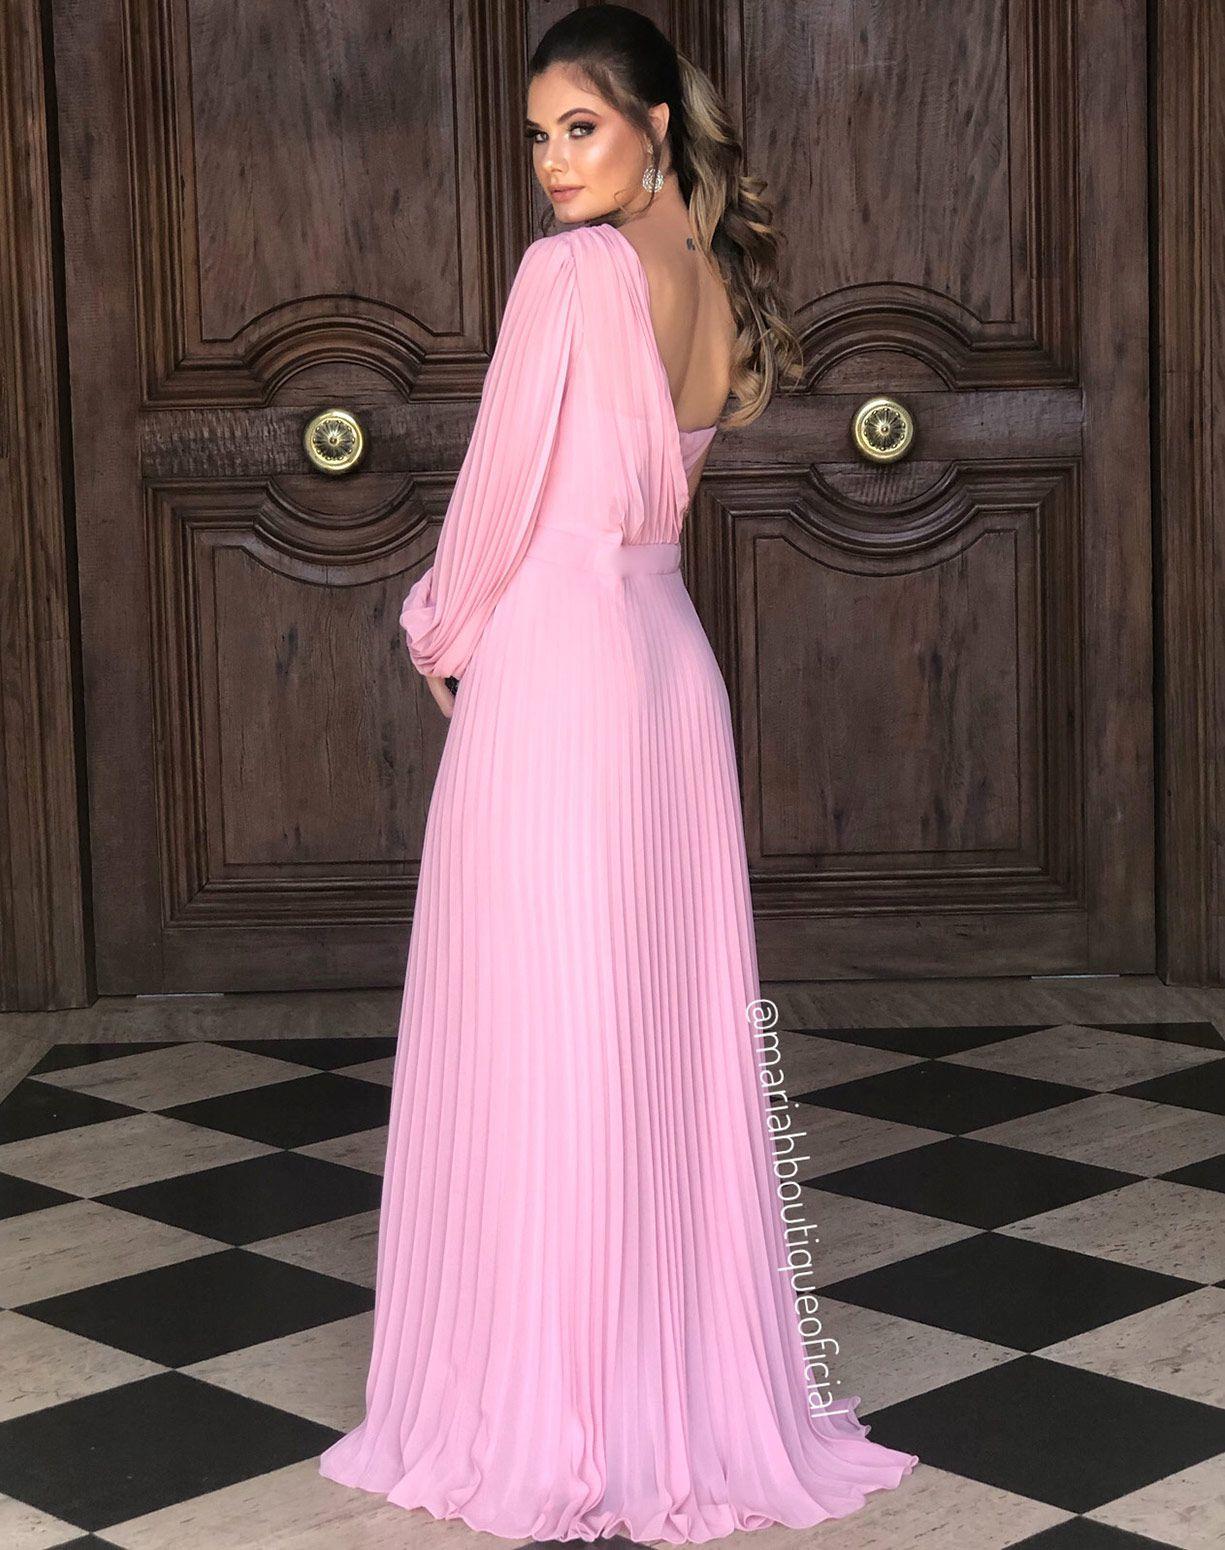 Vestido Rose Plissado de Um Ombro Só